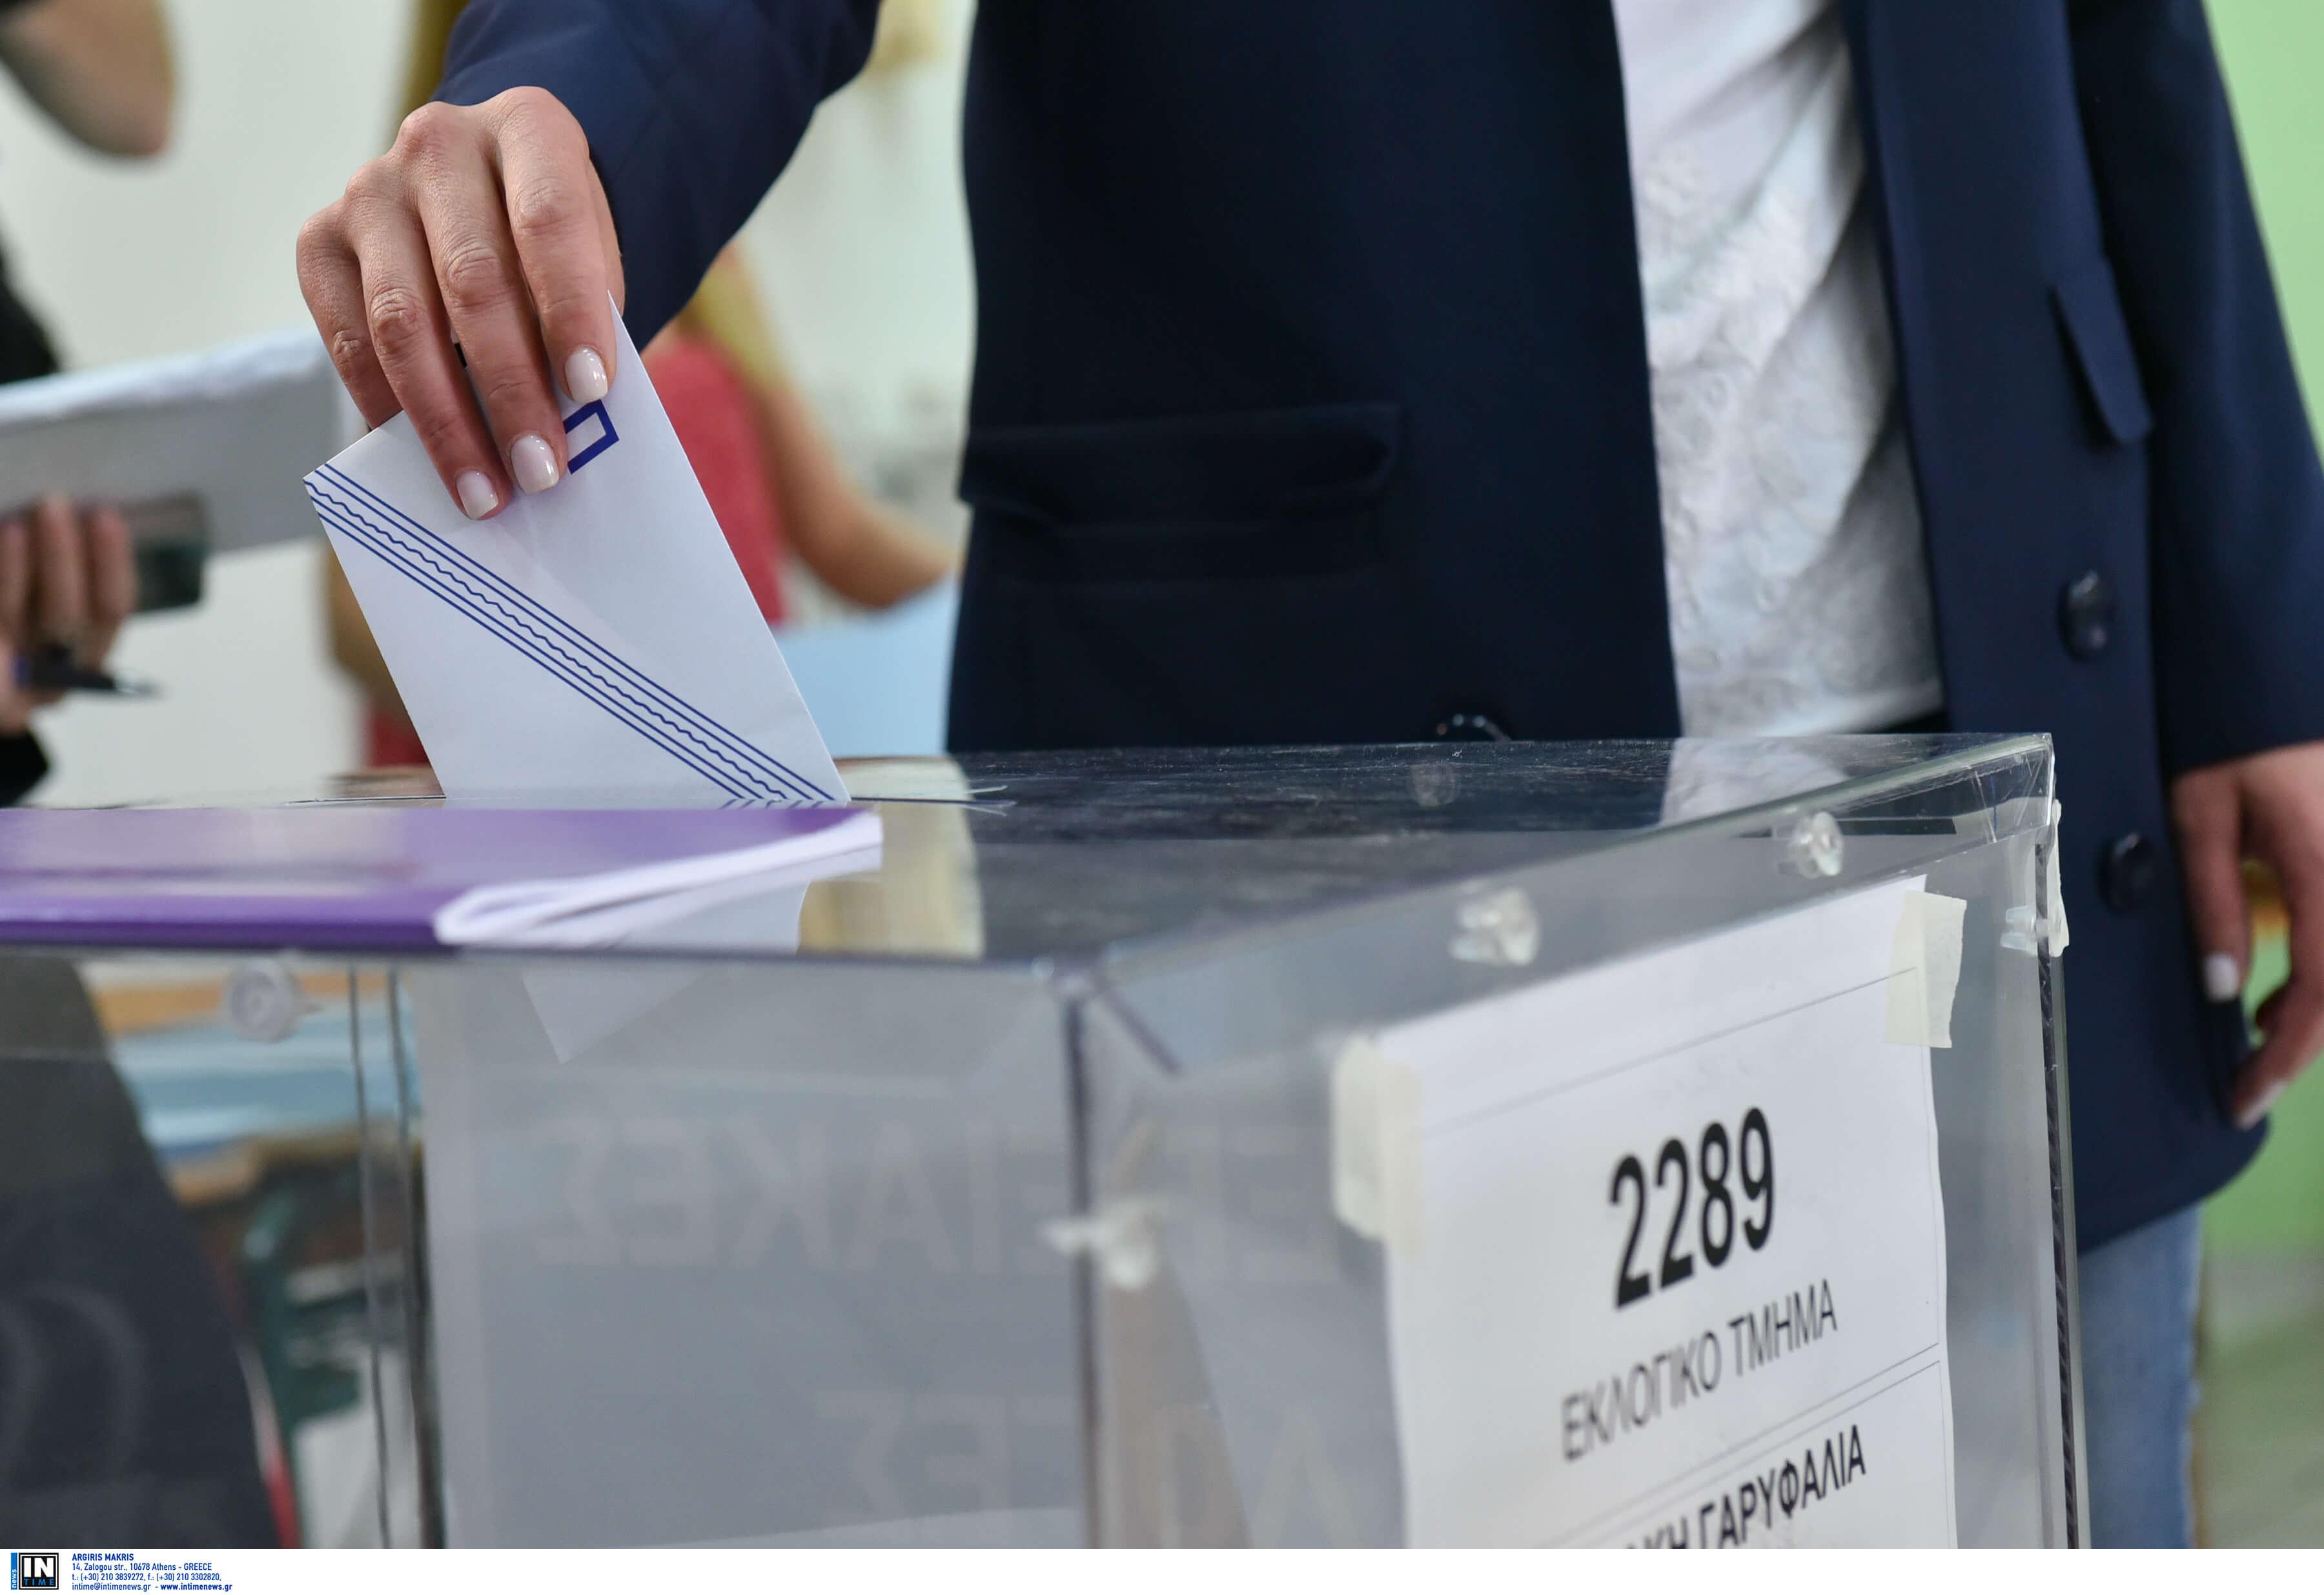 Αποτελέσματα Εκλογών – Σταυροί προτίμησης Δήμος Χαλανδρίου: Ποιοι δημοτικοί σύμβουλοι εκλέγονται